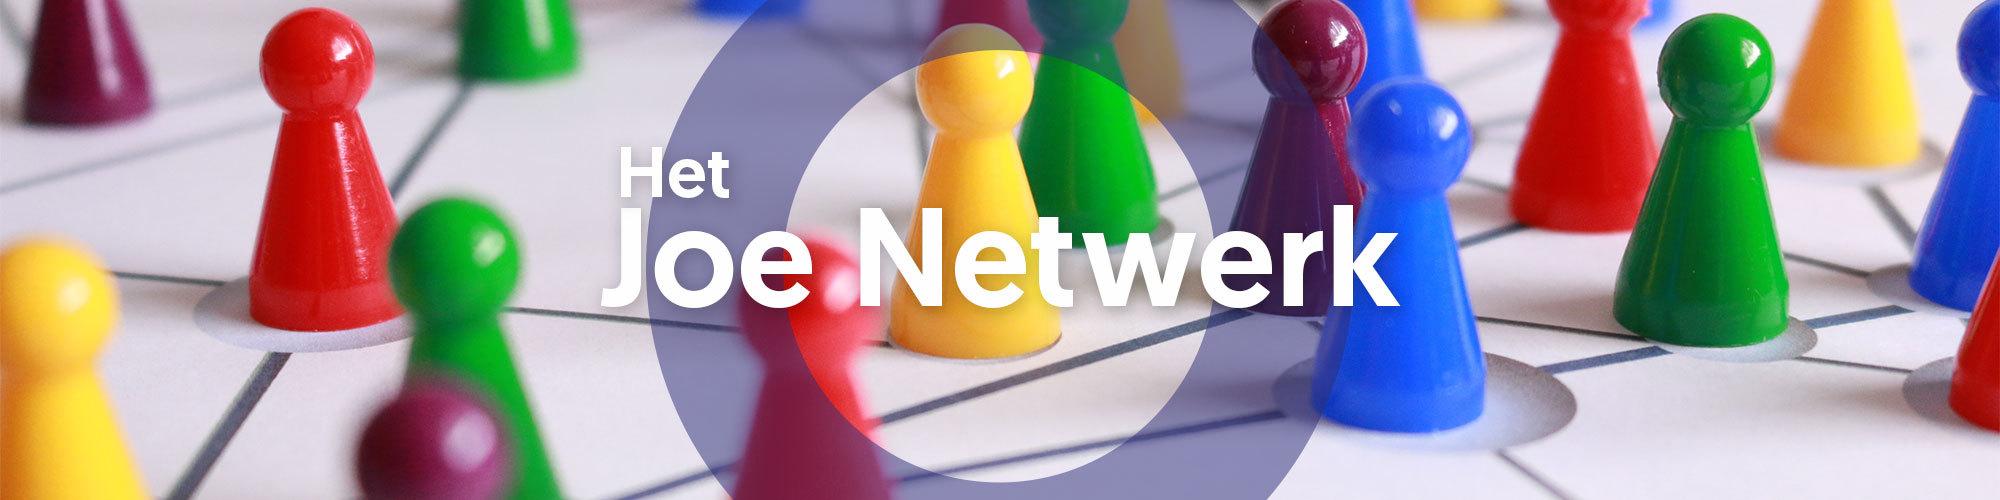 Joe netwerk header v2 1